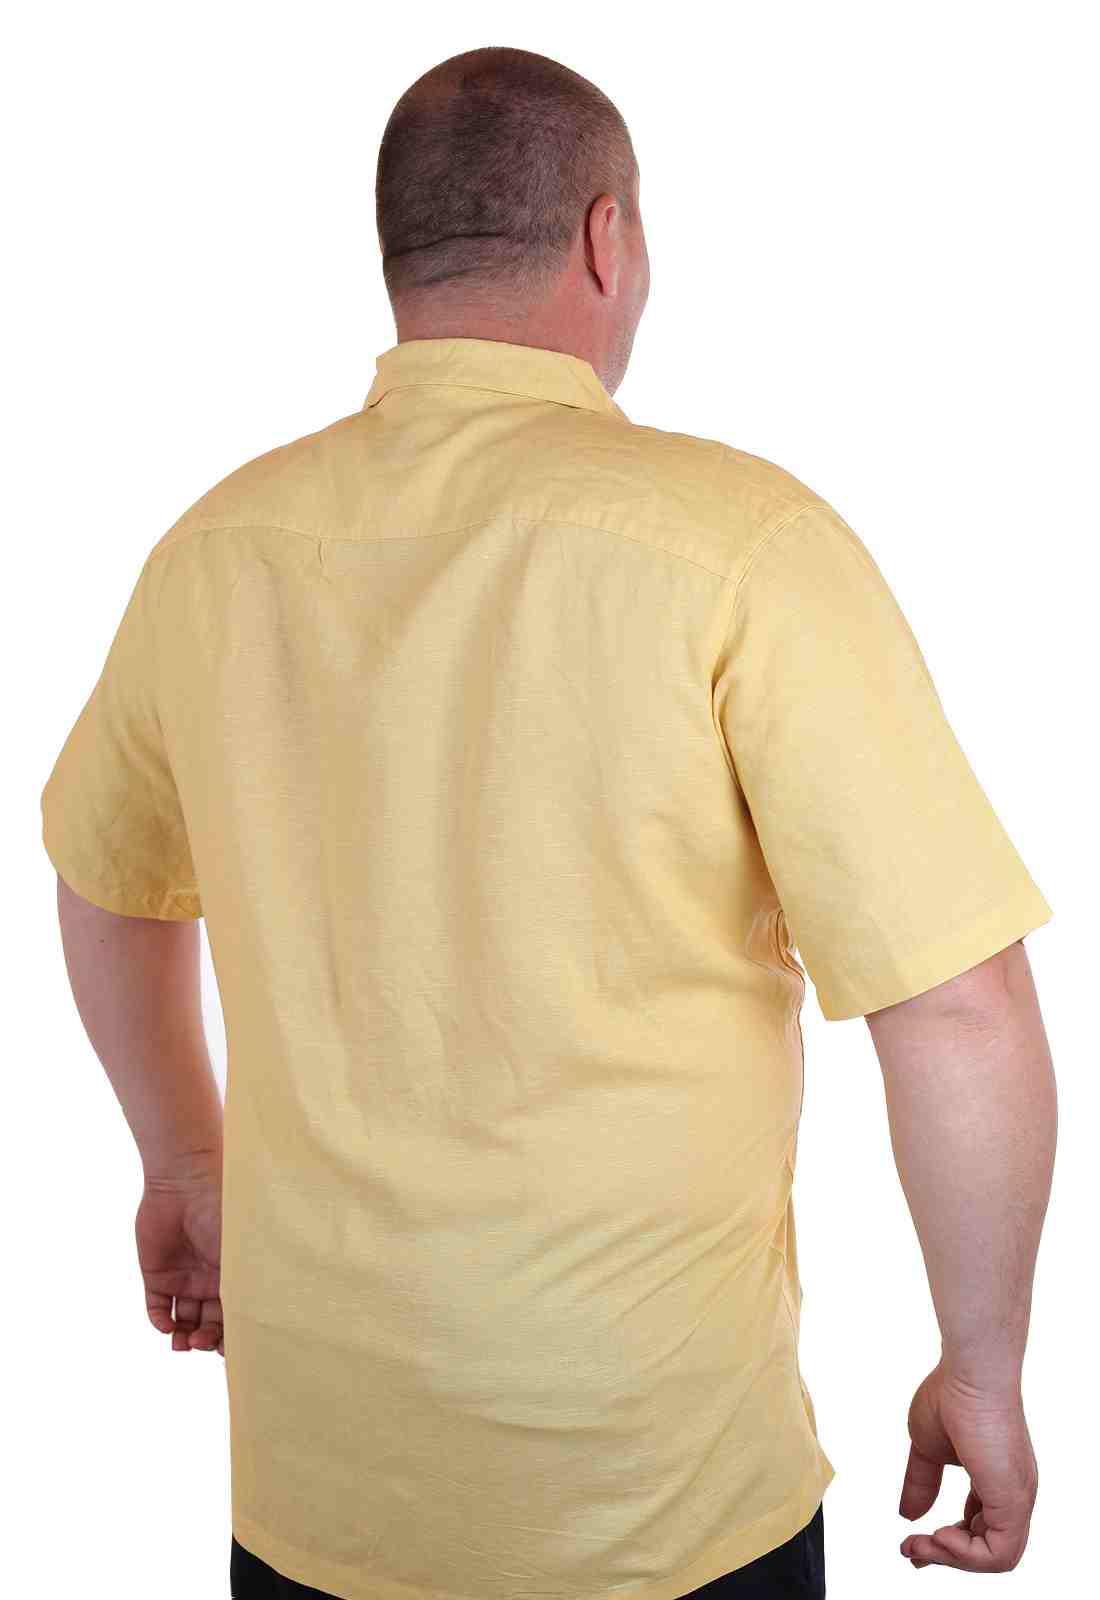 Курортная рубашка больших размеров (батал) для высоких мужчин Caribbean Joe-сзади